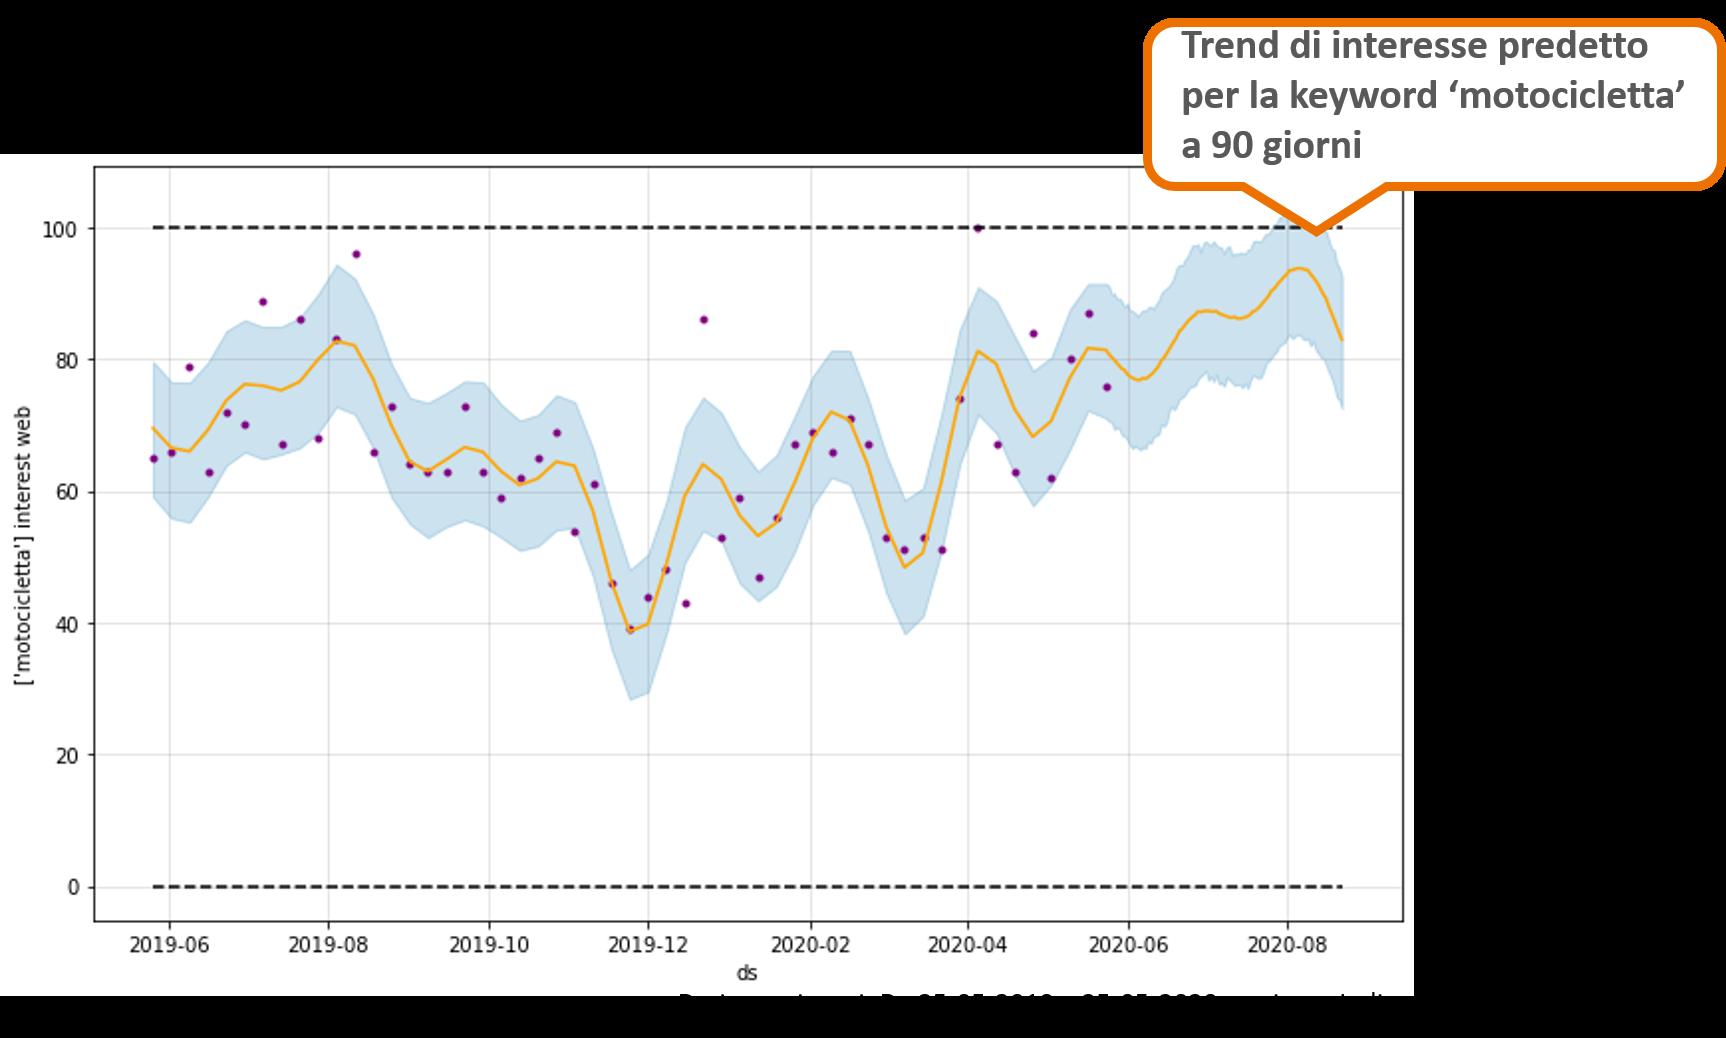 Previsione dei trend di ricerca con la IA